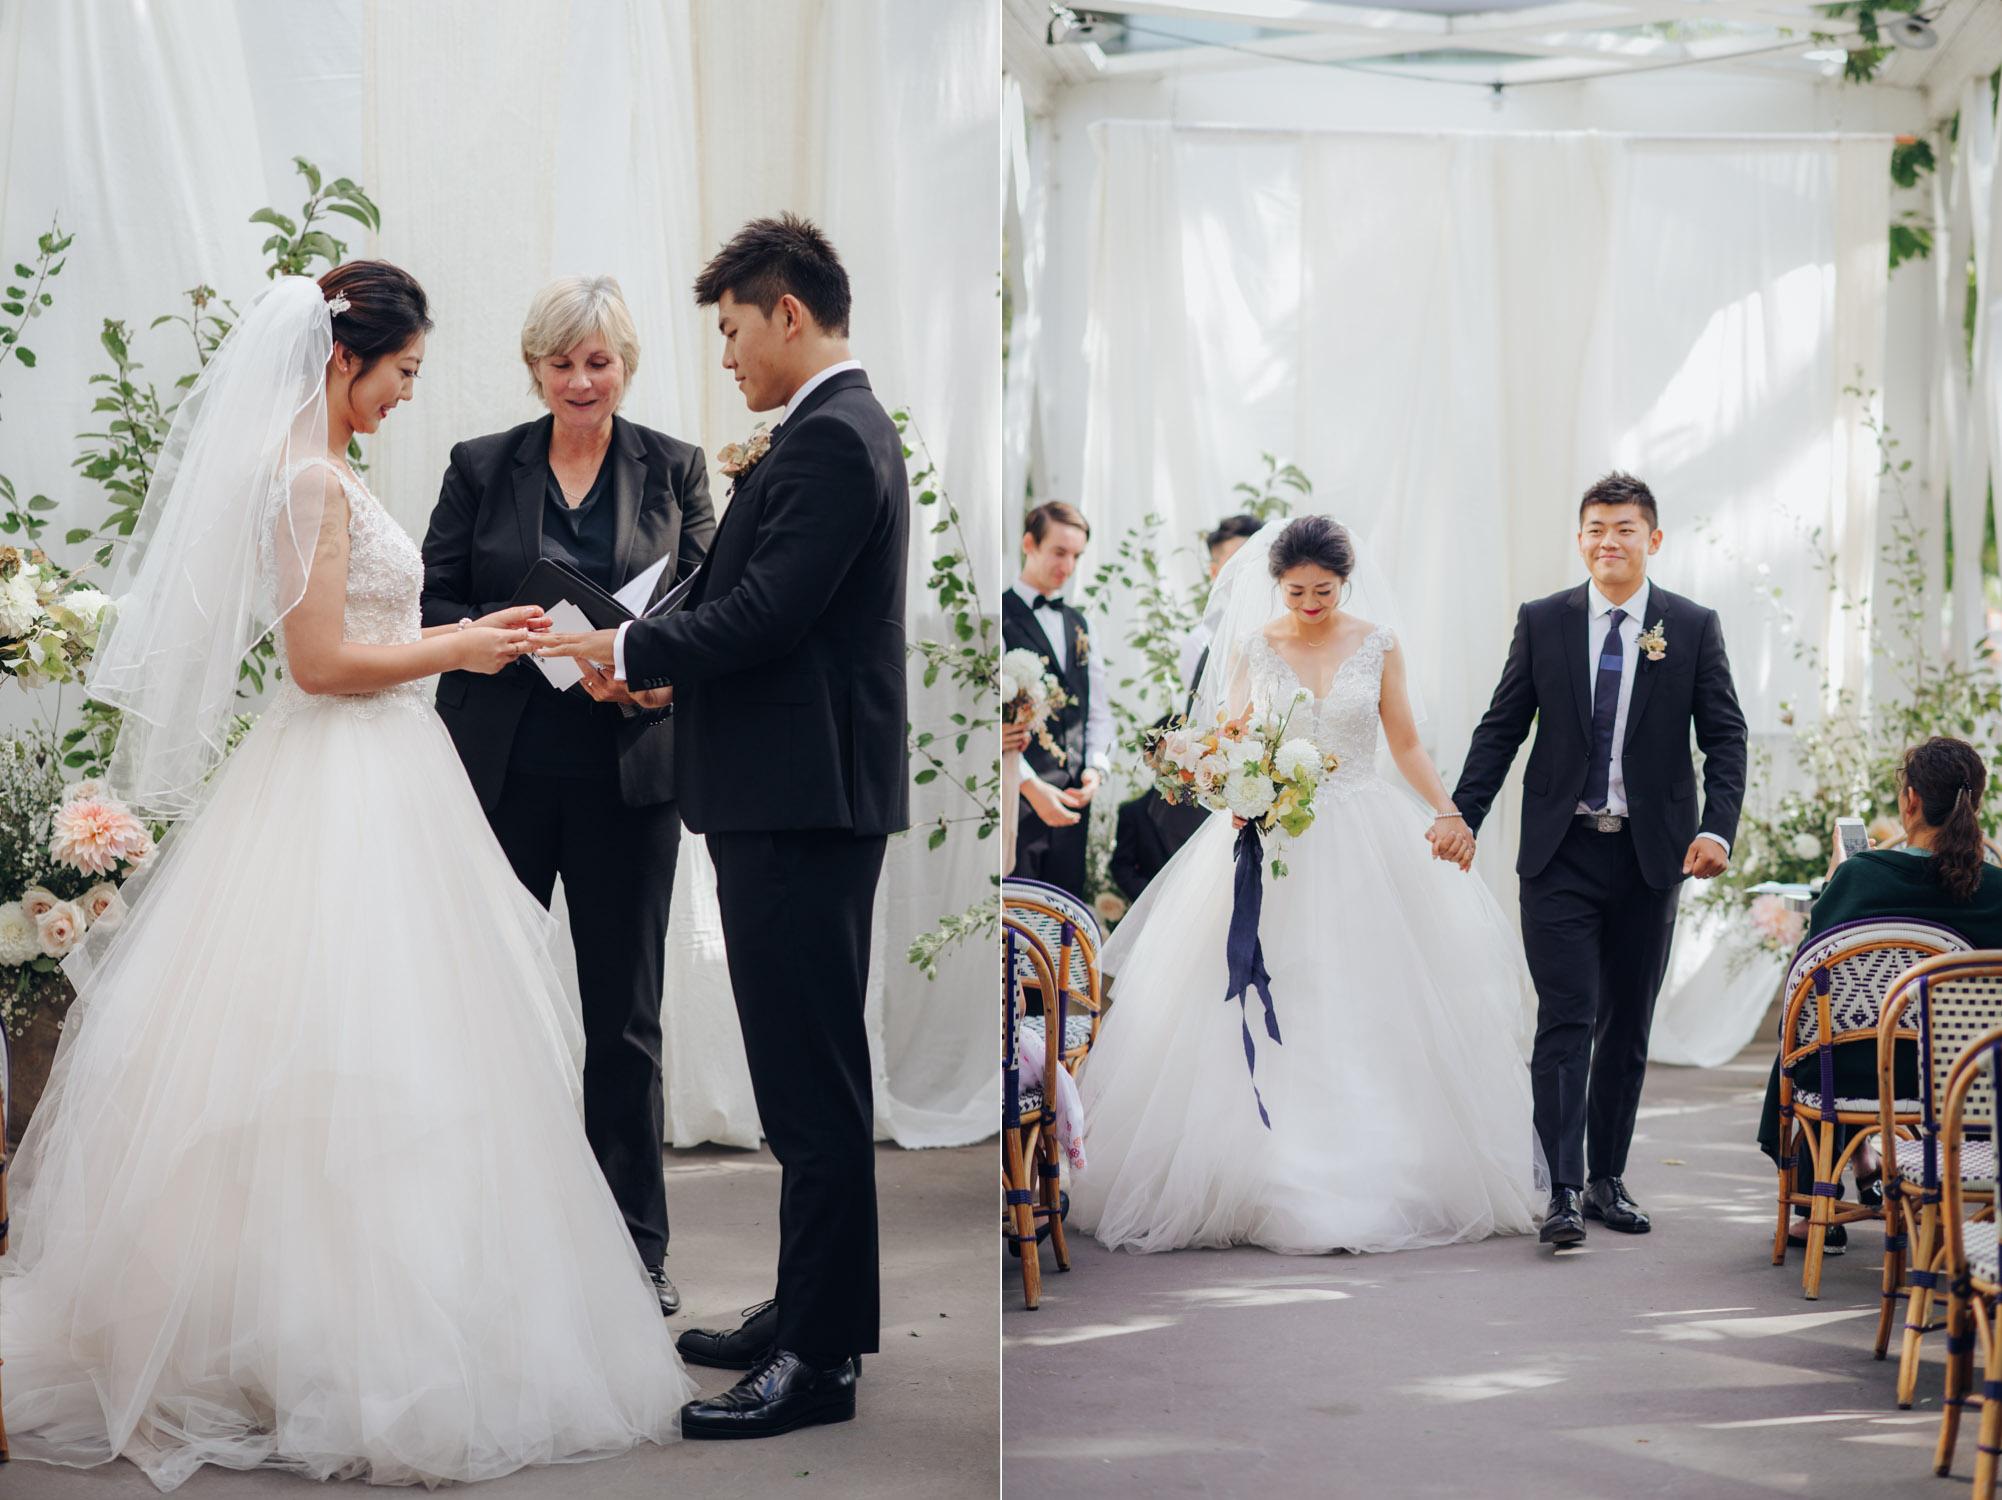 Toronto Colette grand cafe Wedding Ceremony